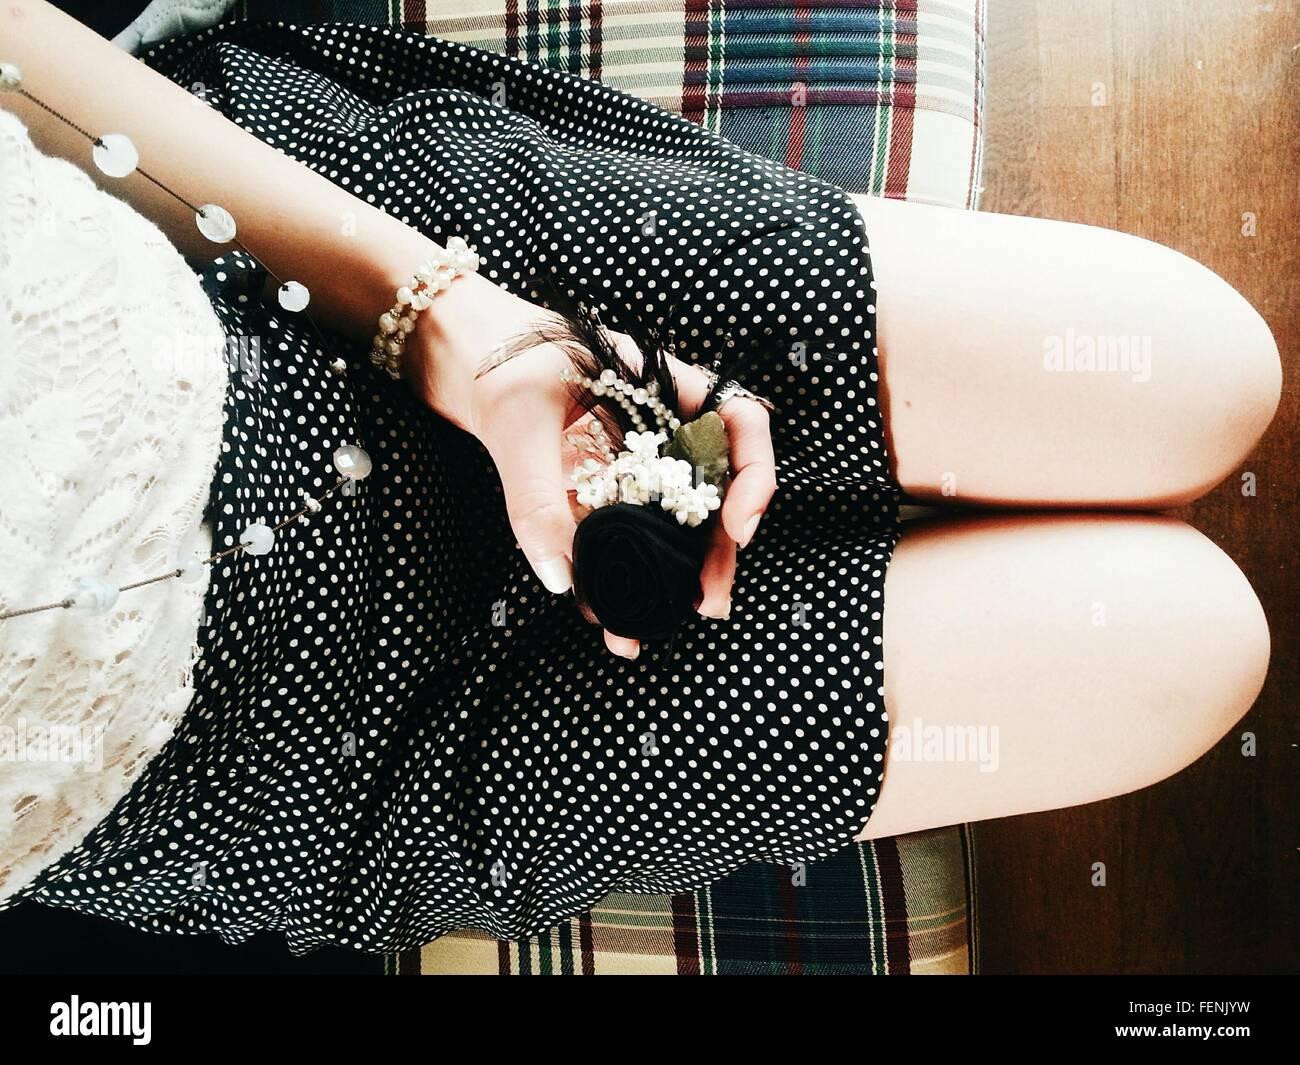 La mitad del torso de mujer sosteniendo ornamento, mientras están sentados en un sofá Imagen De Stock